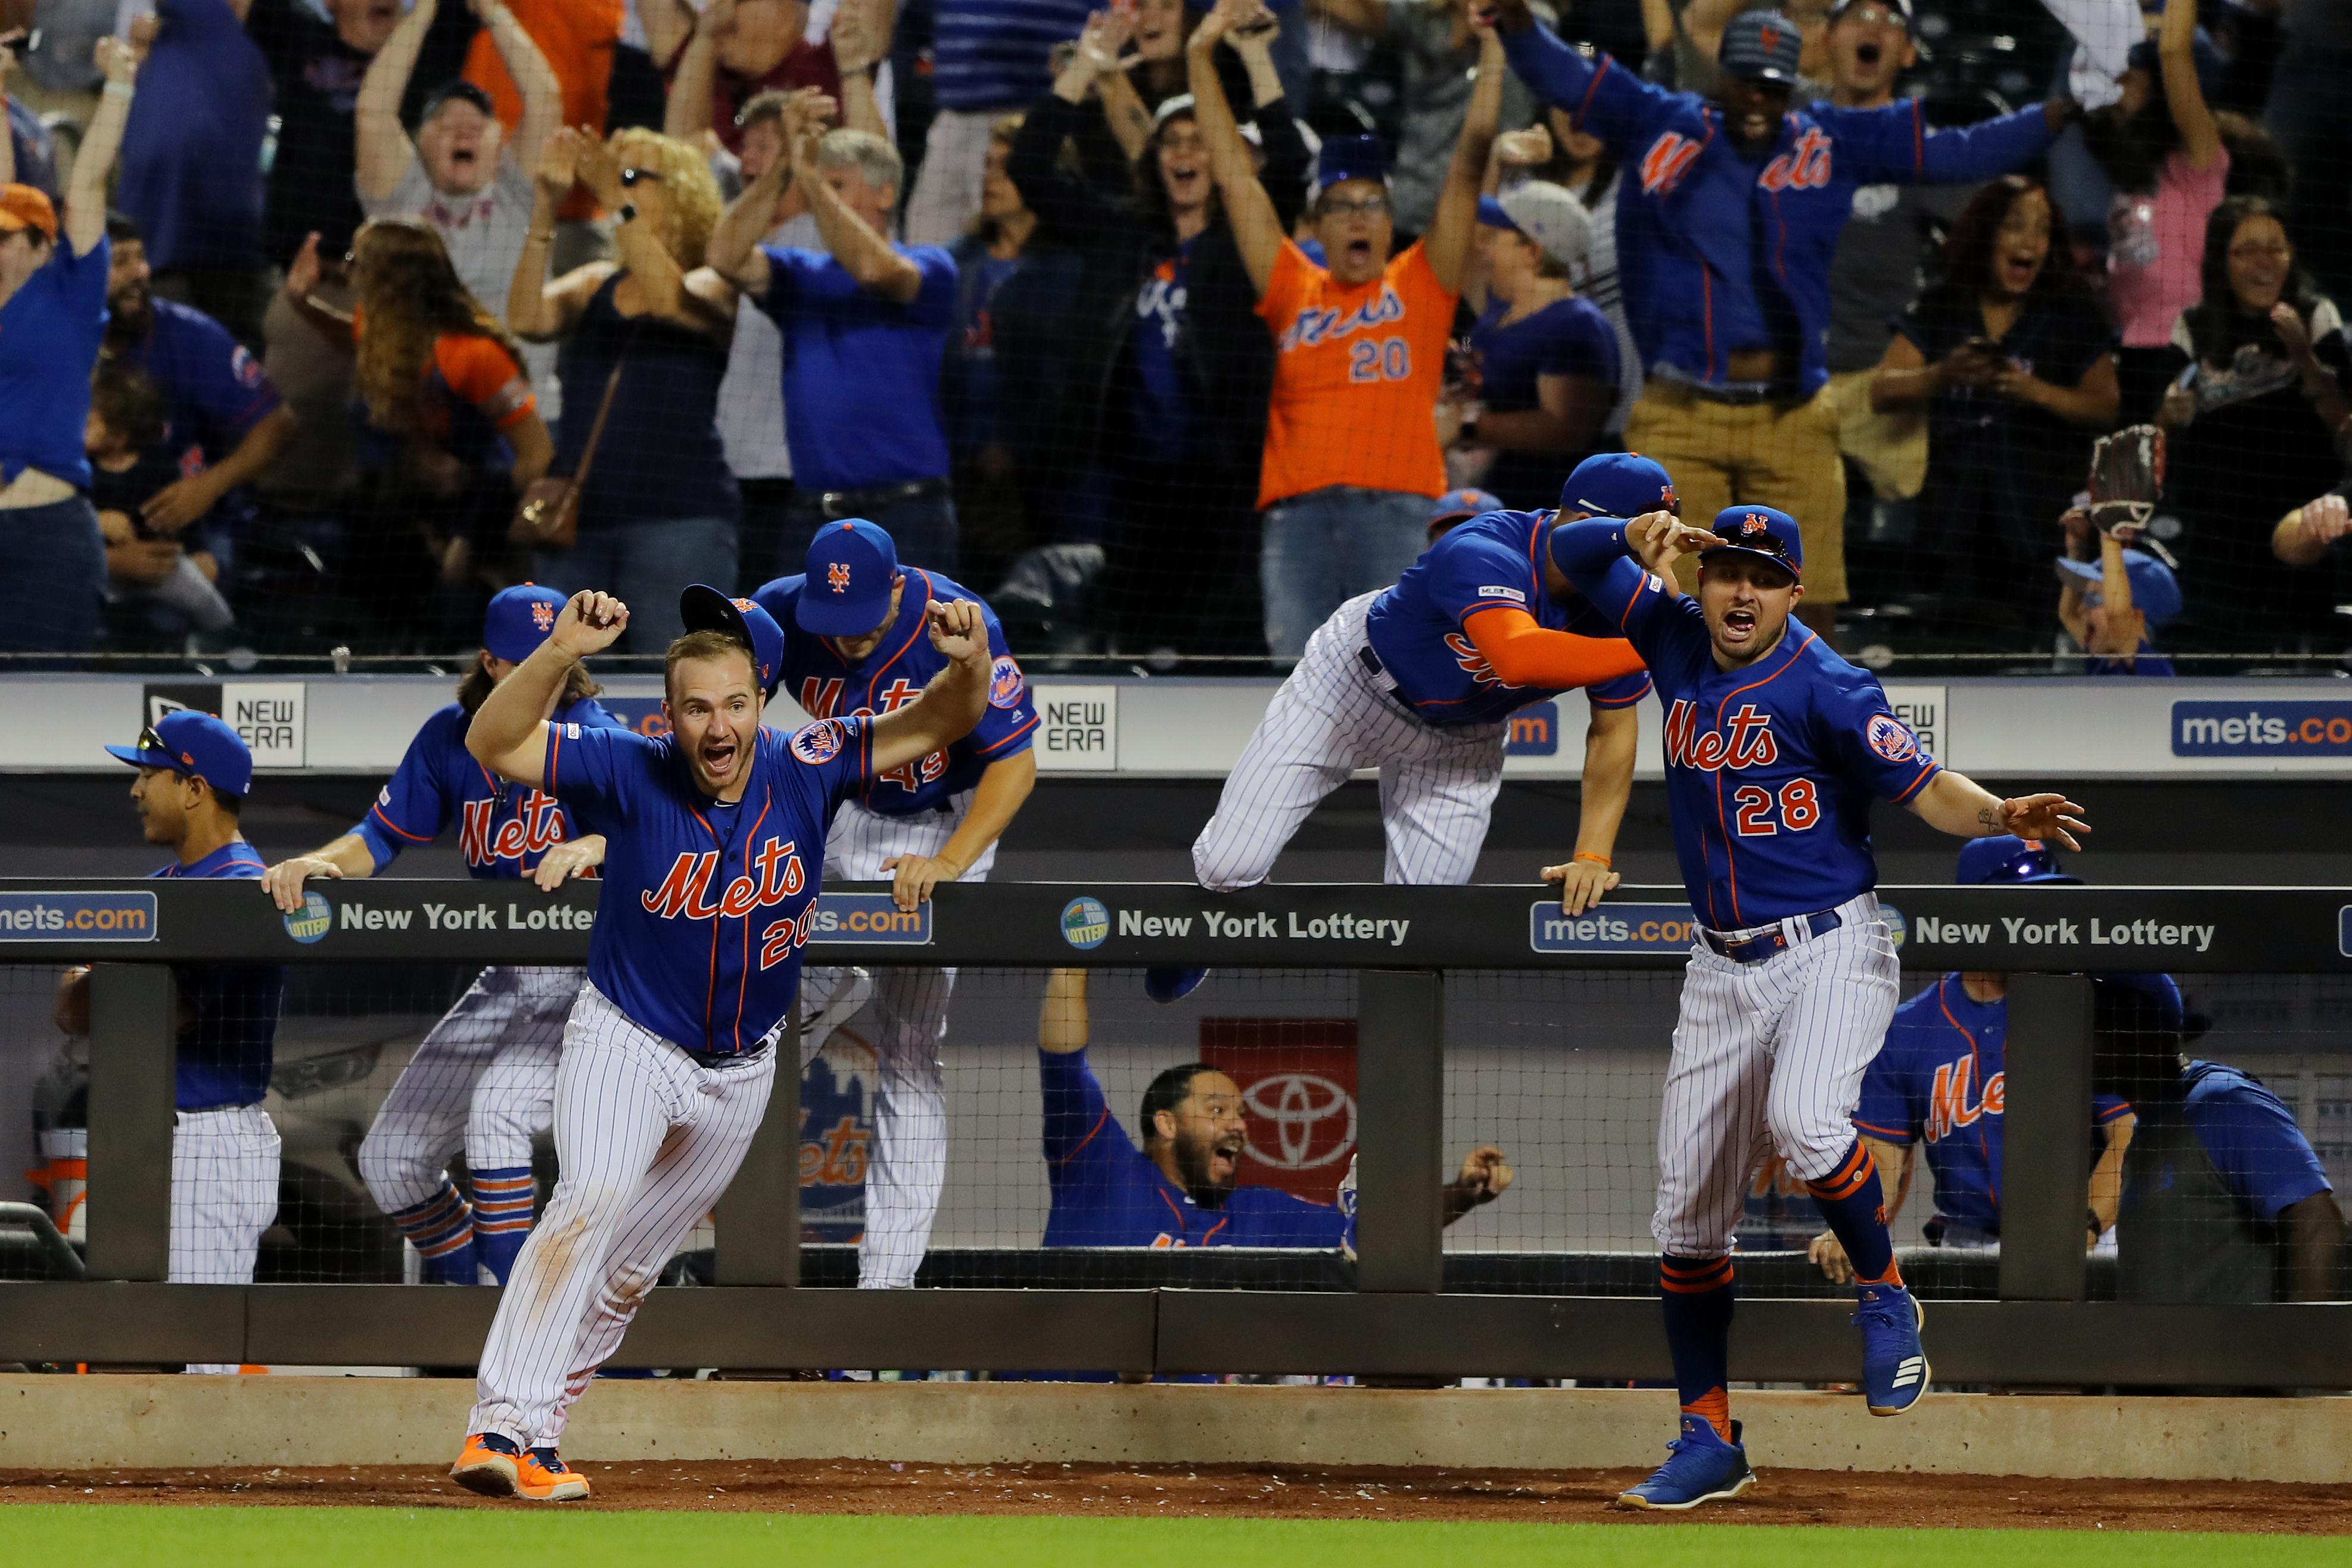 Atlanta Braves v. New York Mets